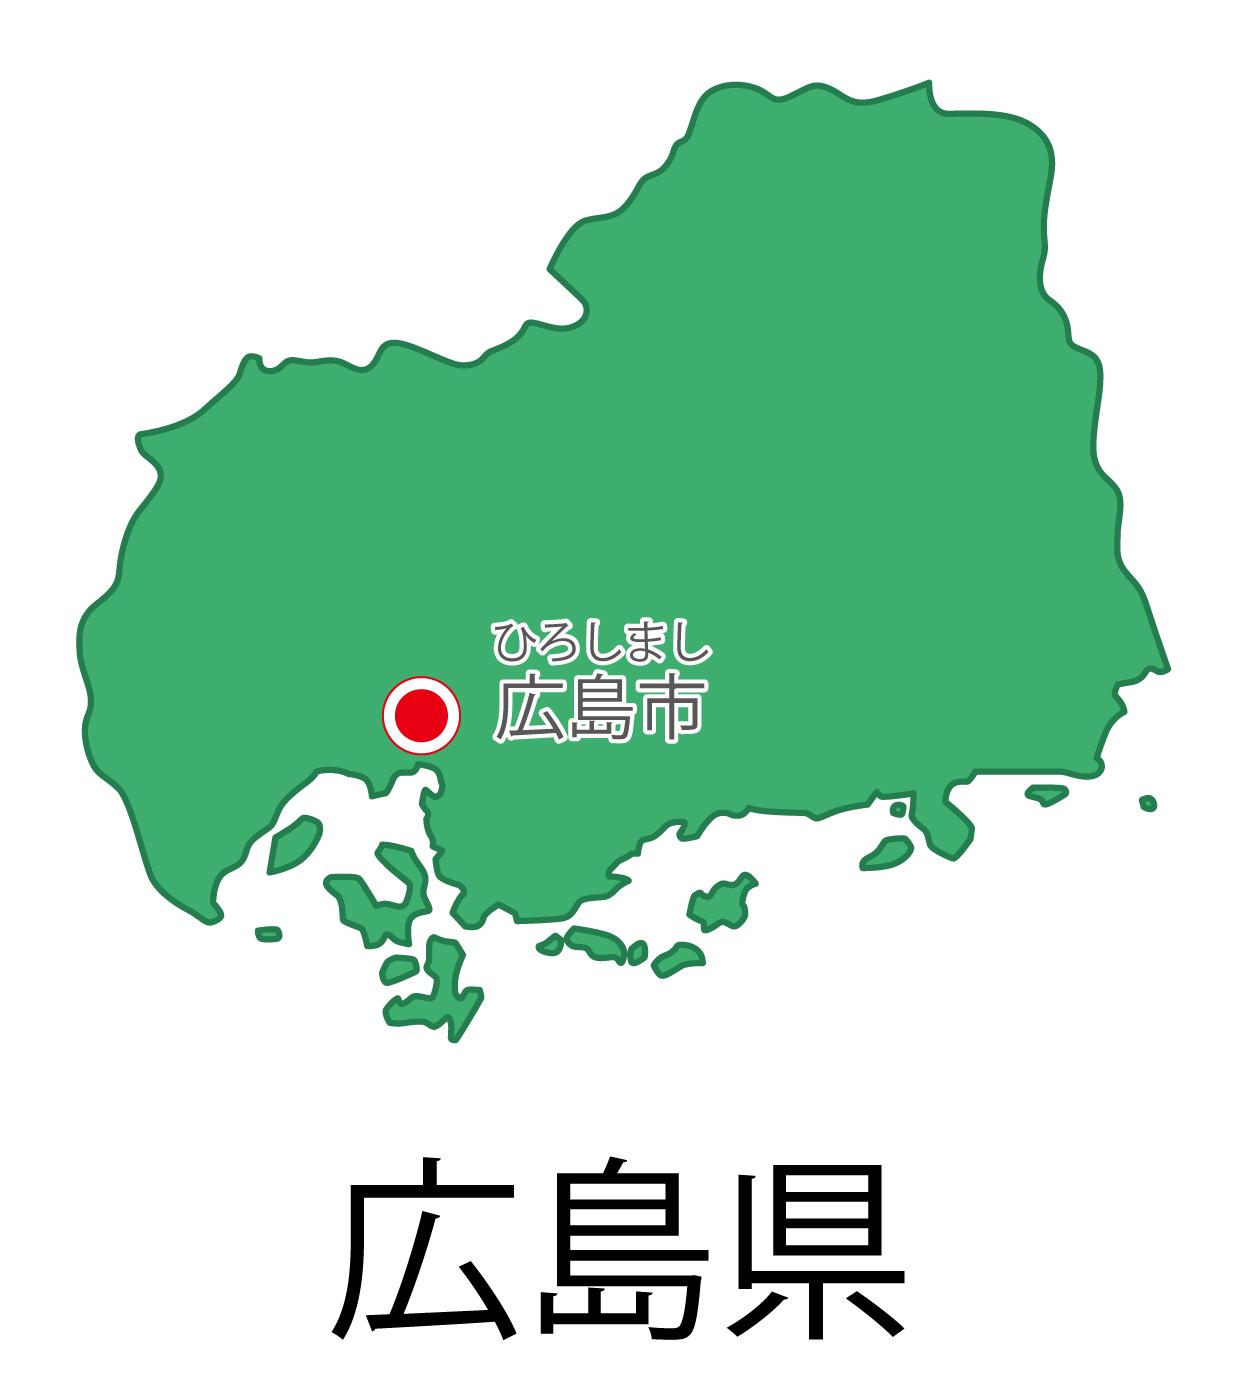 広島県無料フリーイラスト|日本語・都道府県名あり・県庁所在地あり・ルビあり(緑)